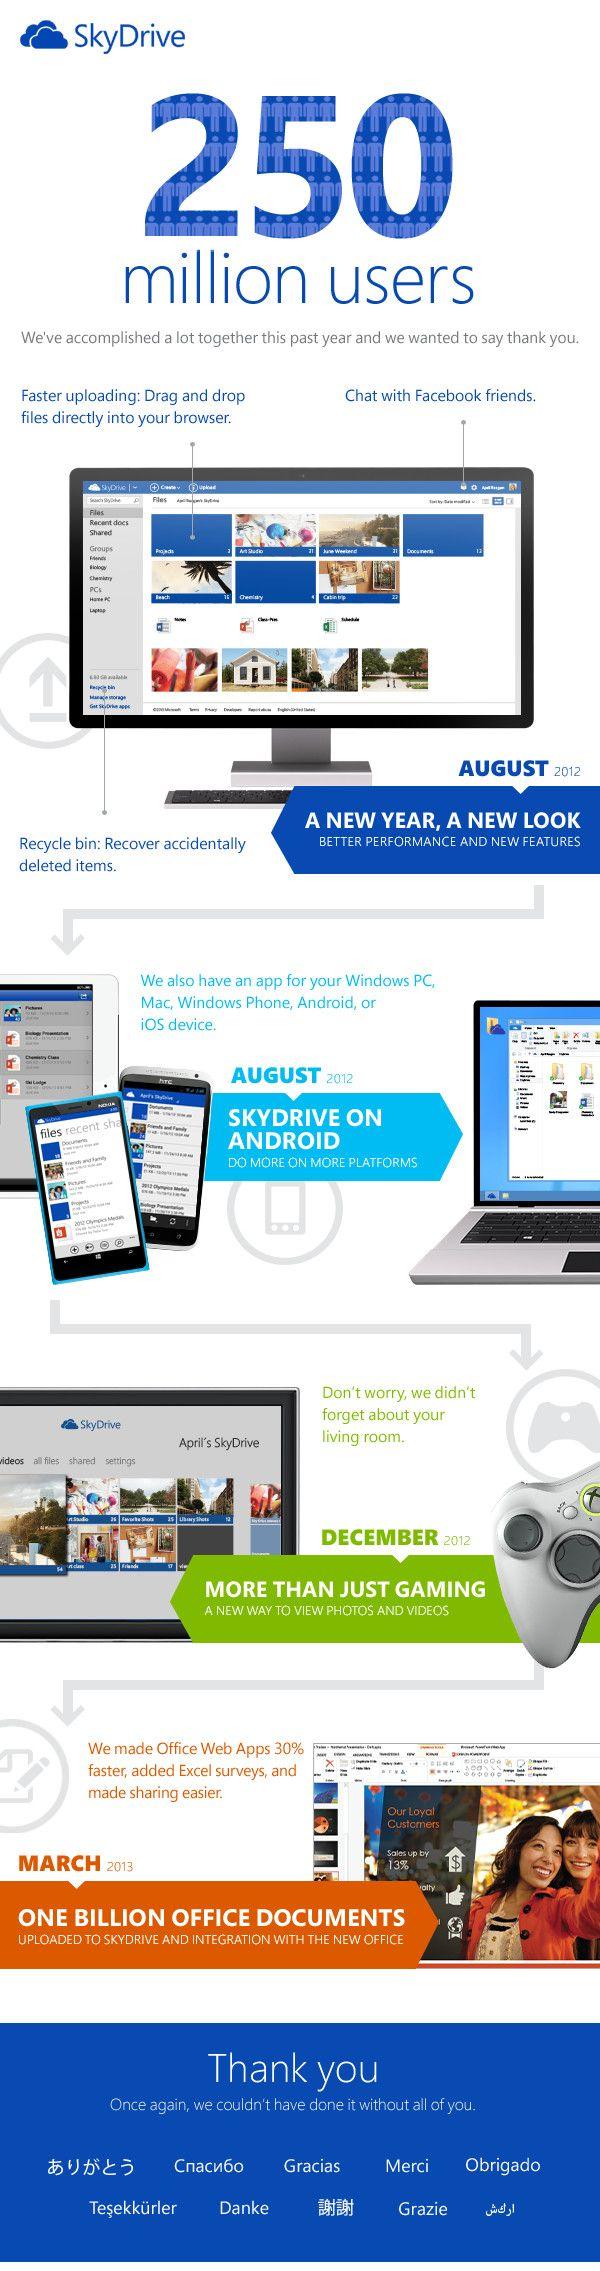 SkyDrive ya tiene más de 250 millones de usuarios 29